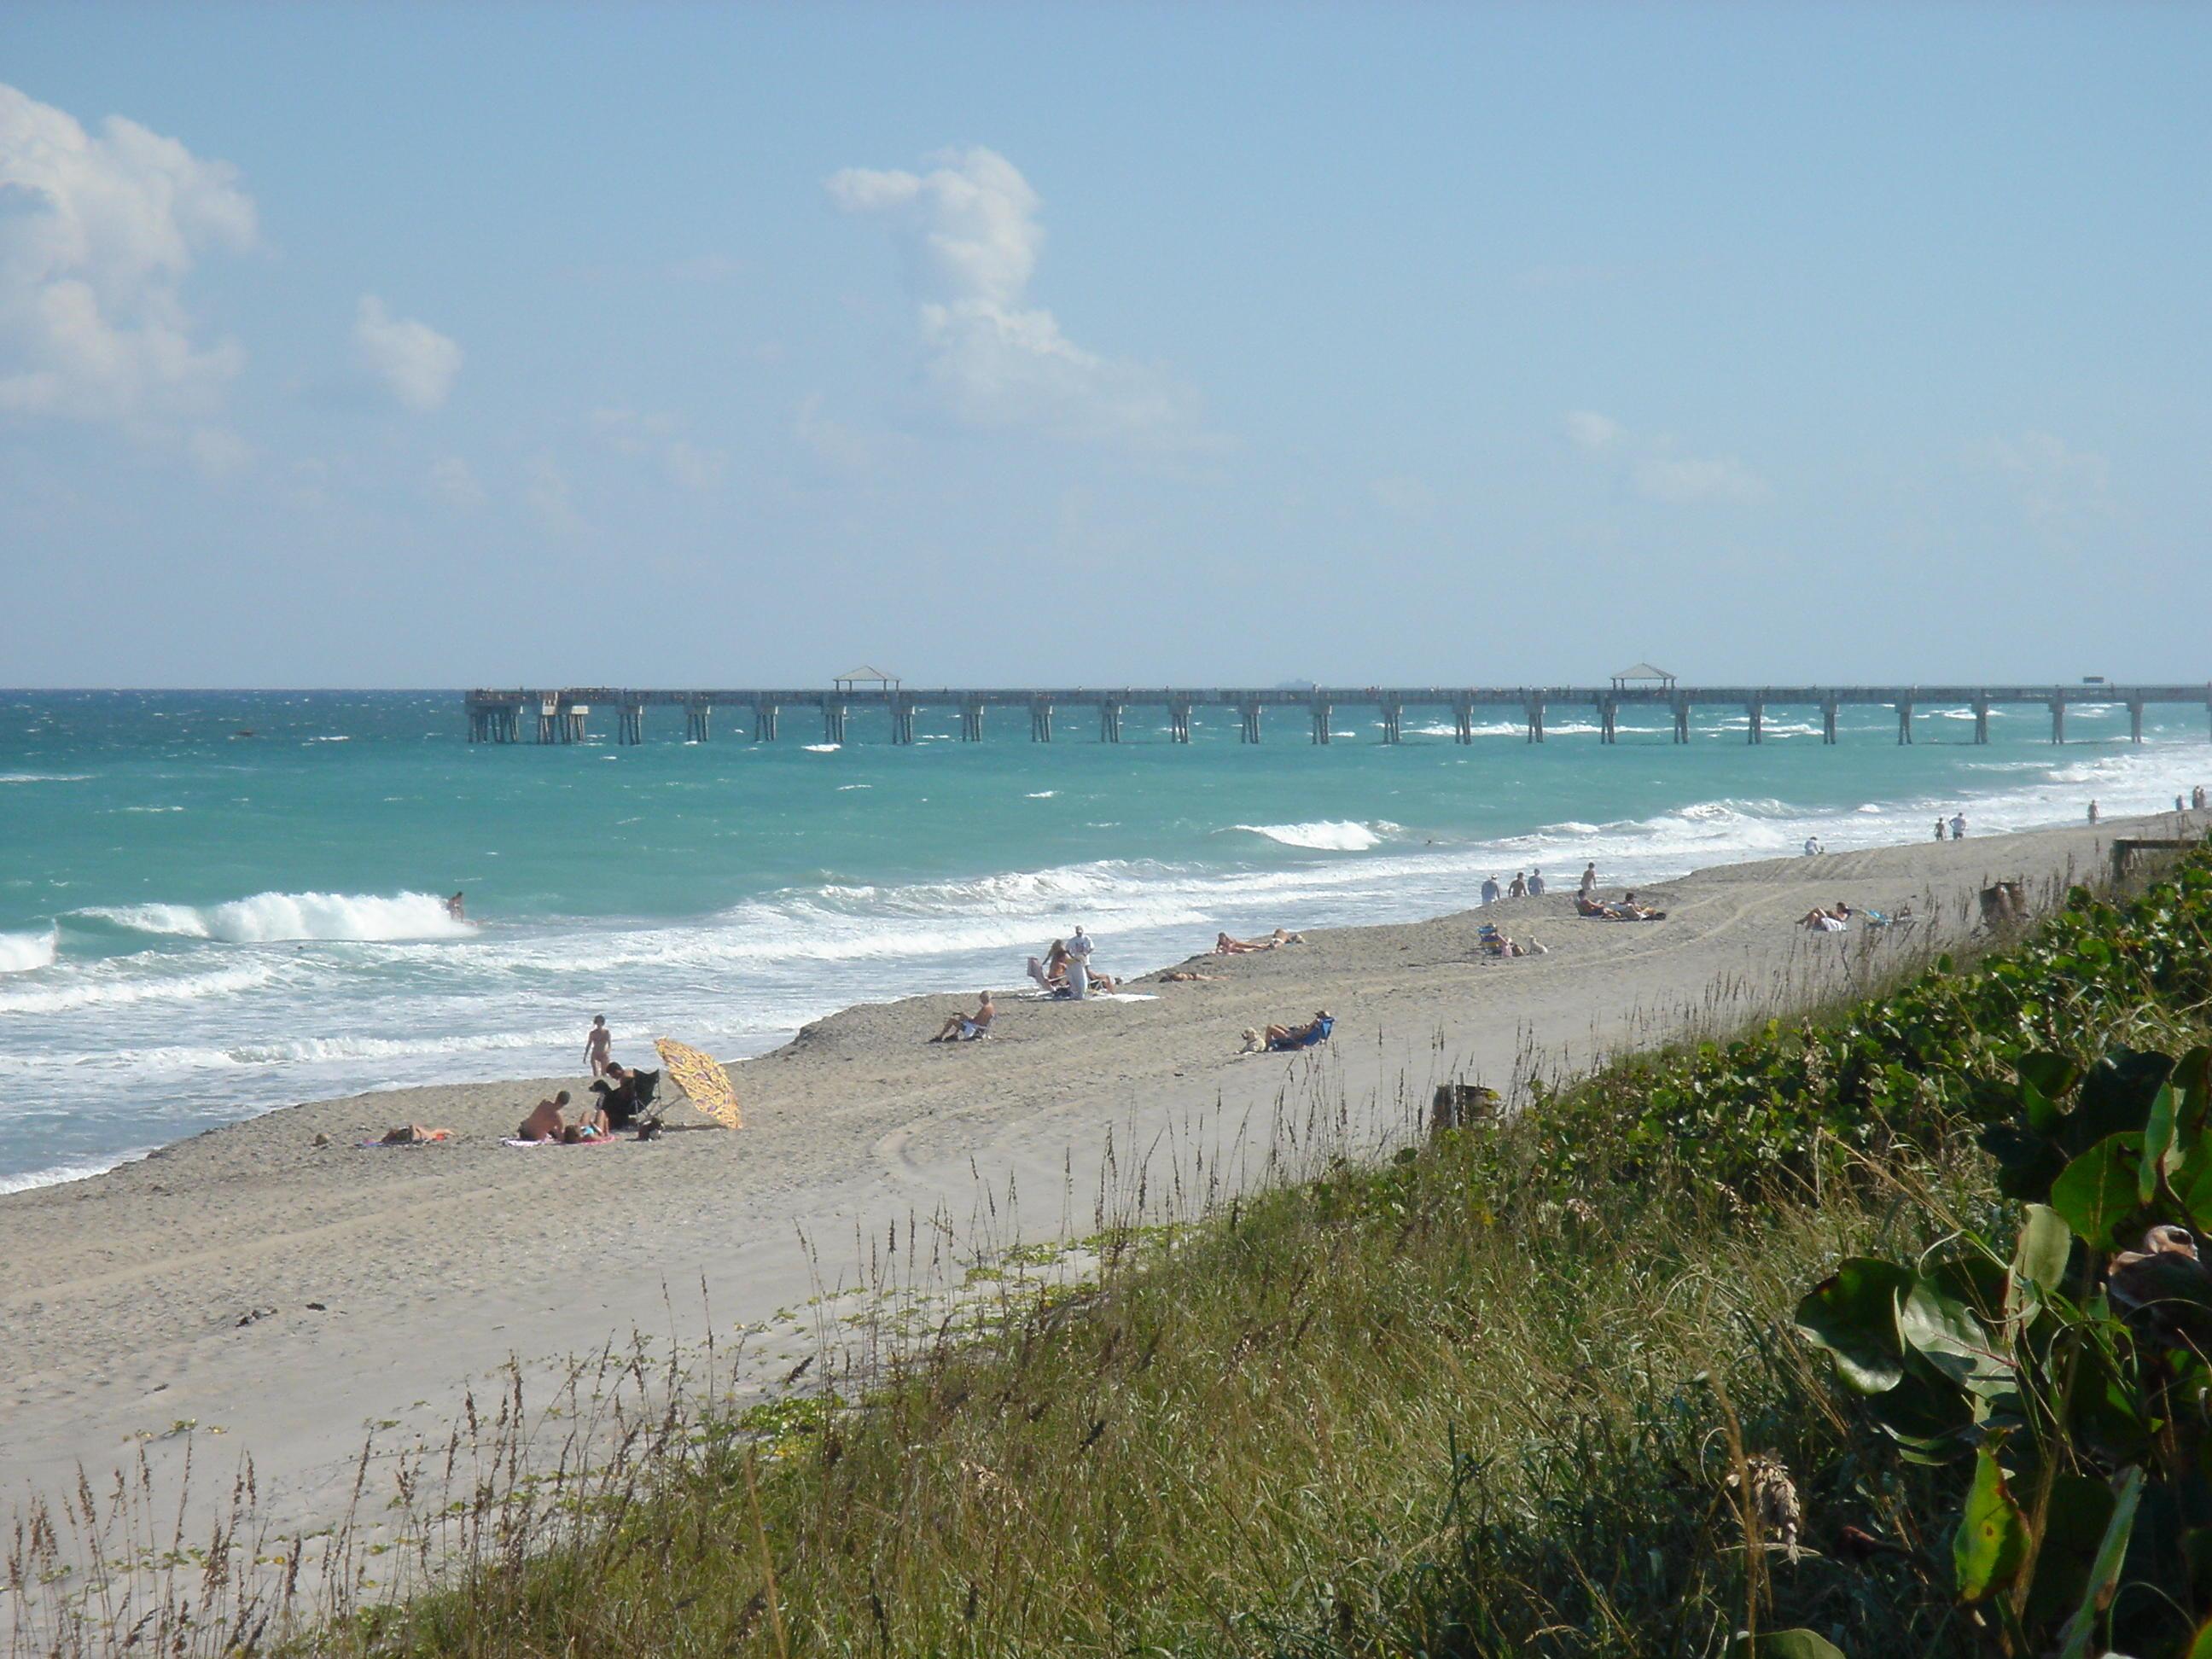 790 Juno Ocean Walk Unit 102c, Juno Beach, Florida 33408, image 16